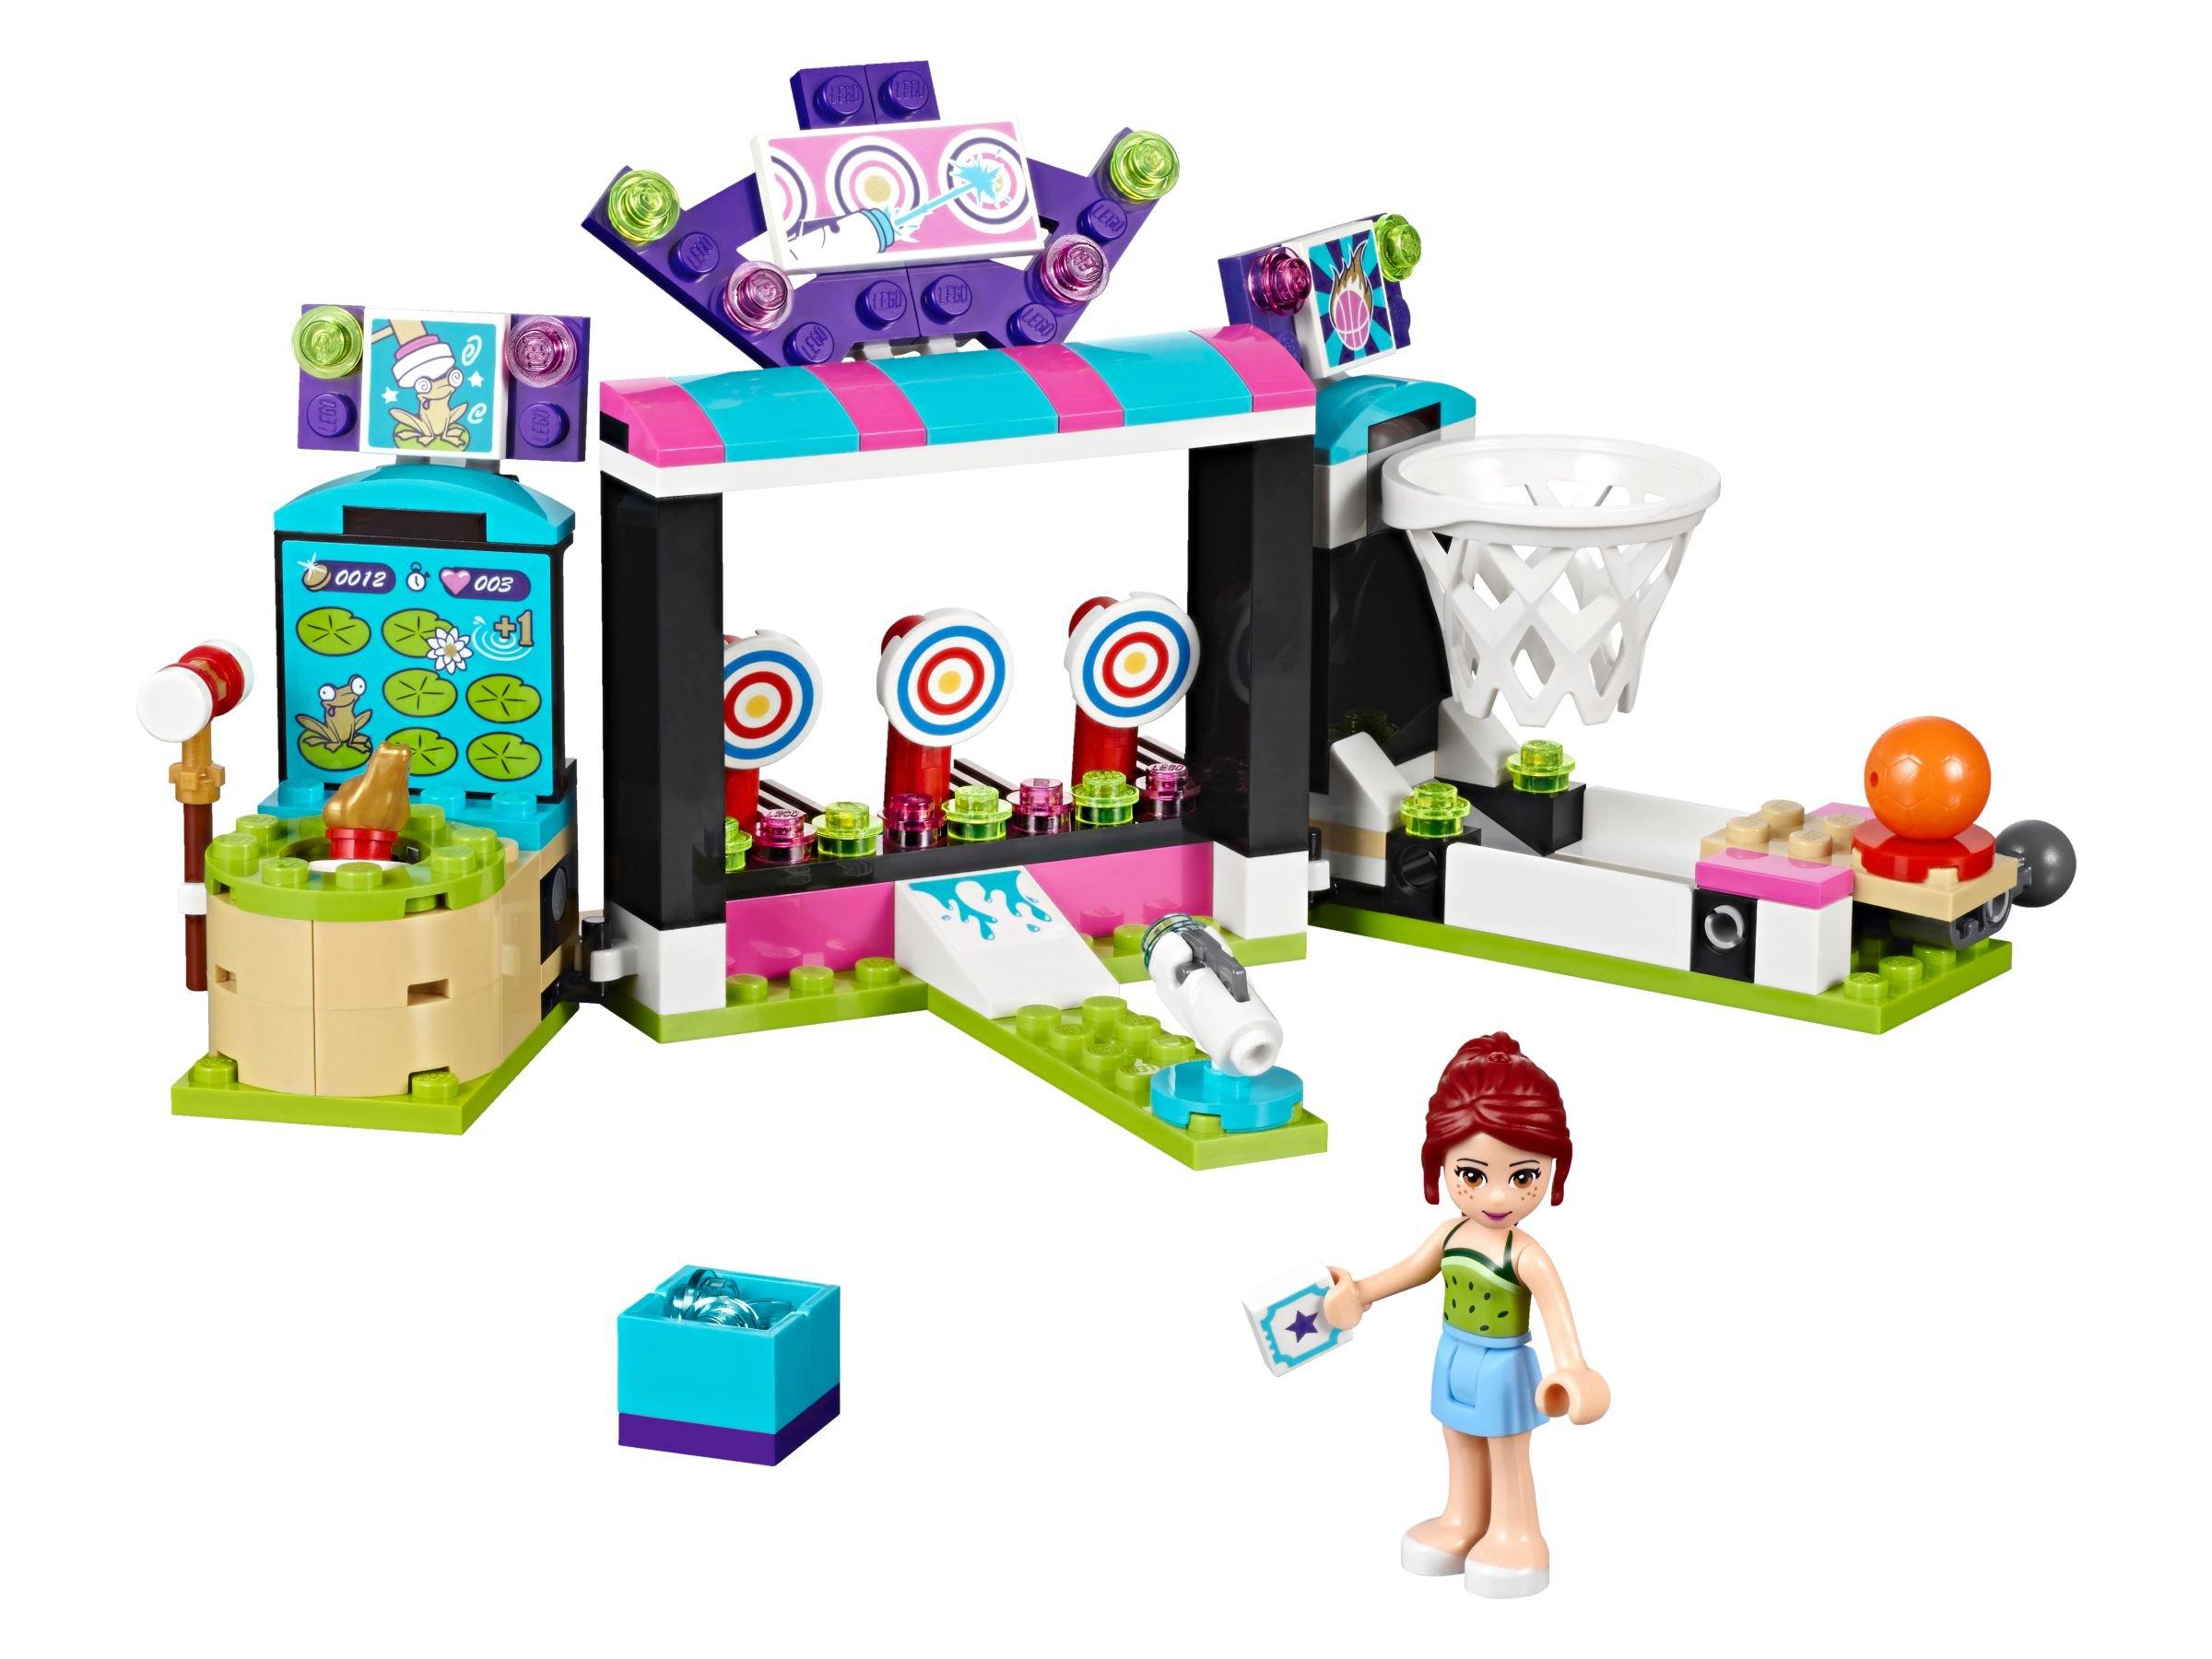 lego 41127 spielspa im freizeitpark friends 2016 amusement park arcade brickmerge. Black Bedroom Furniture Sets. Home Design Ideas